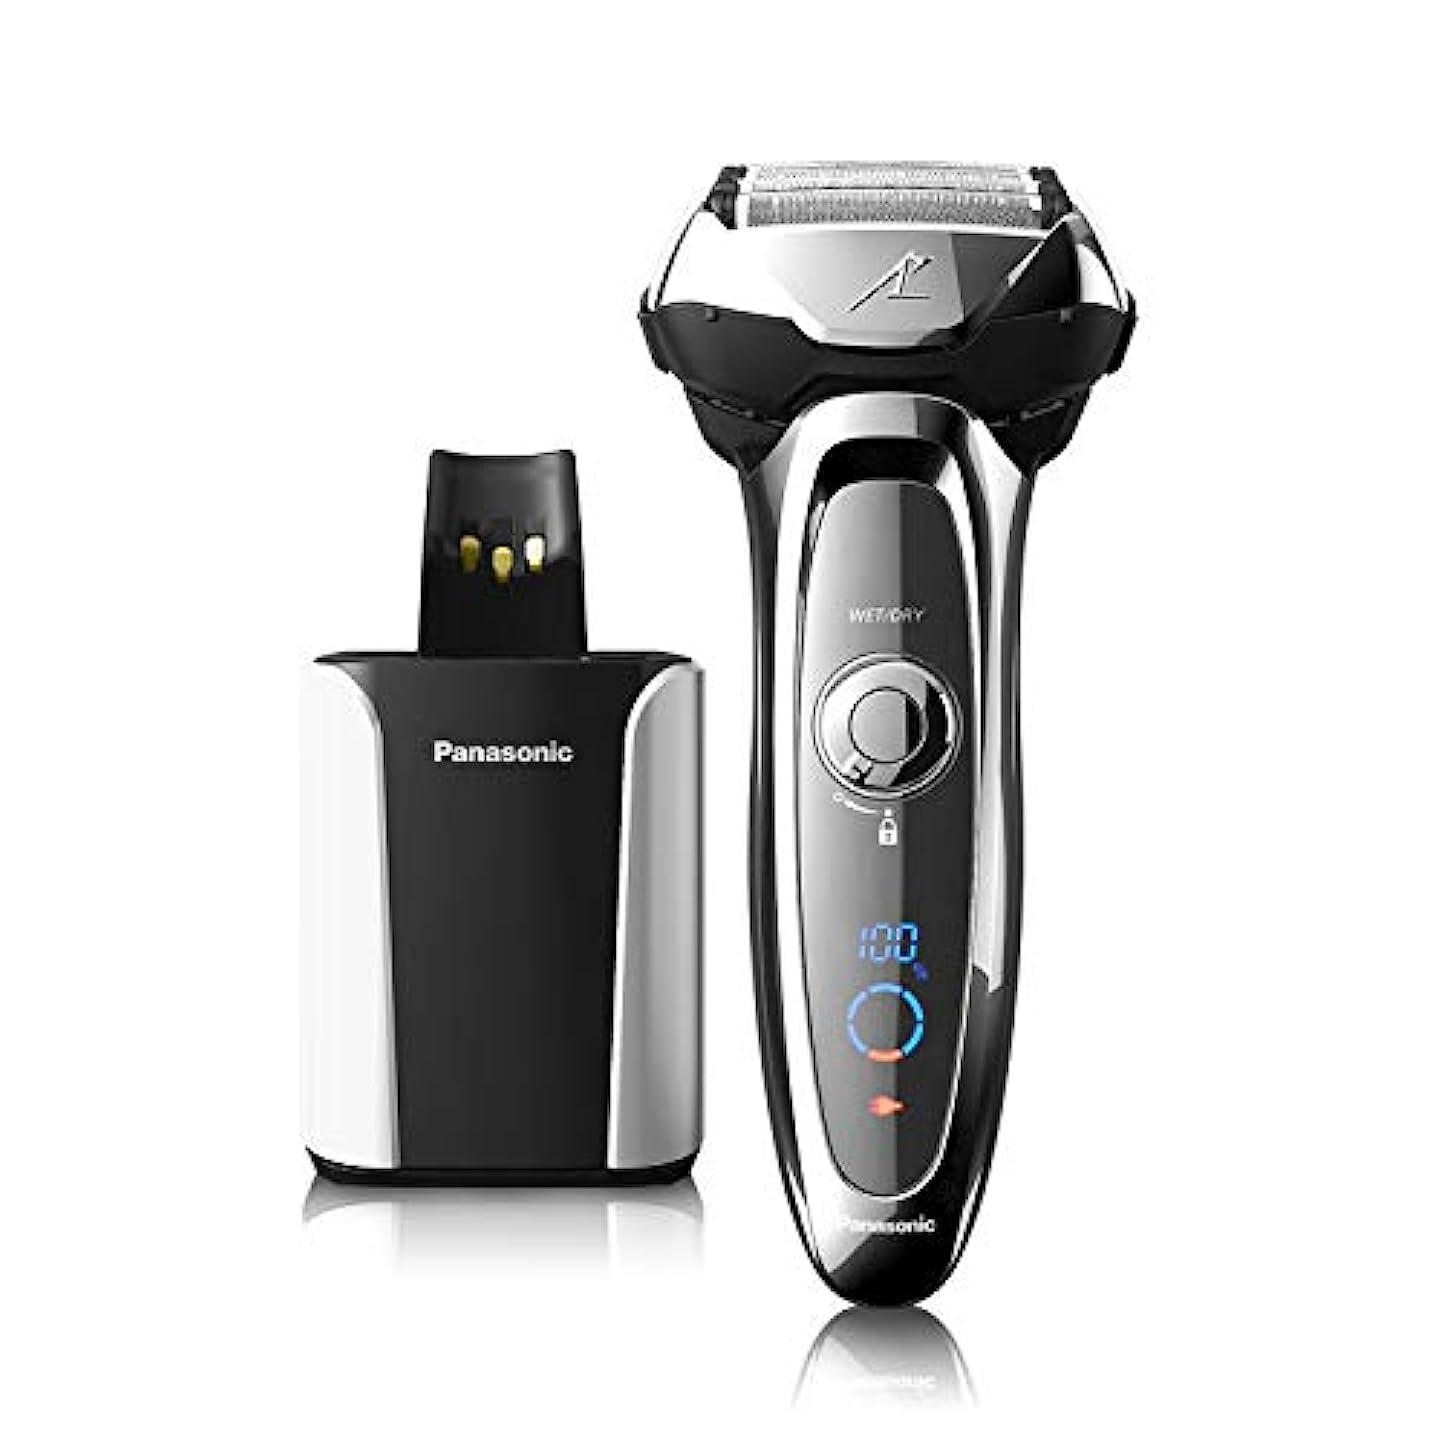 失うトラブル噛むPanasonic ES-LV95-S Arc5 Wet/Dry Shaver with Cleaning and Charging System(US Version, Imported)